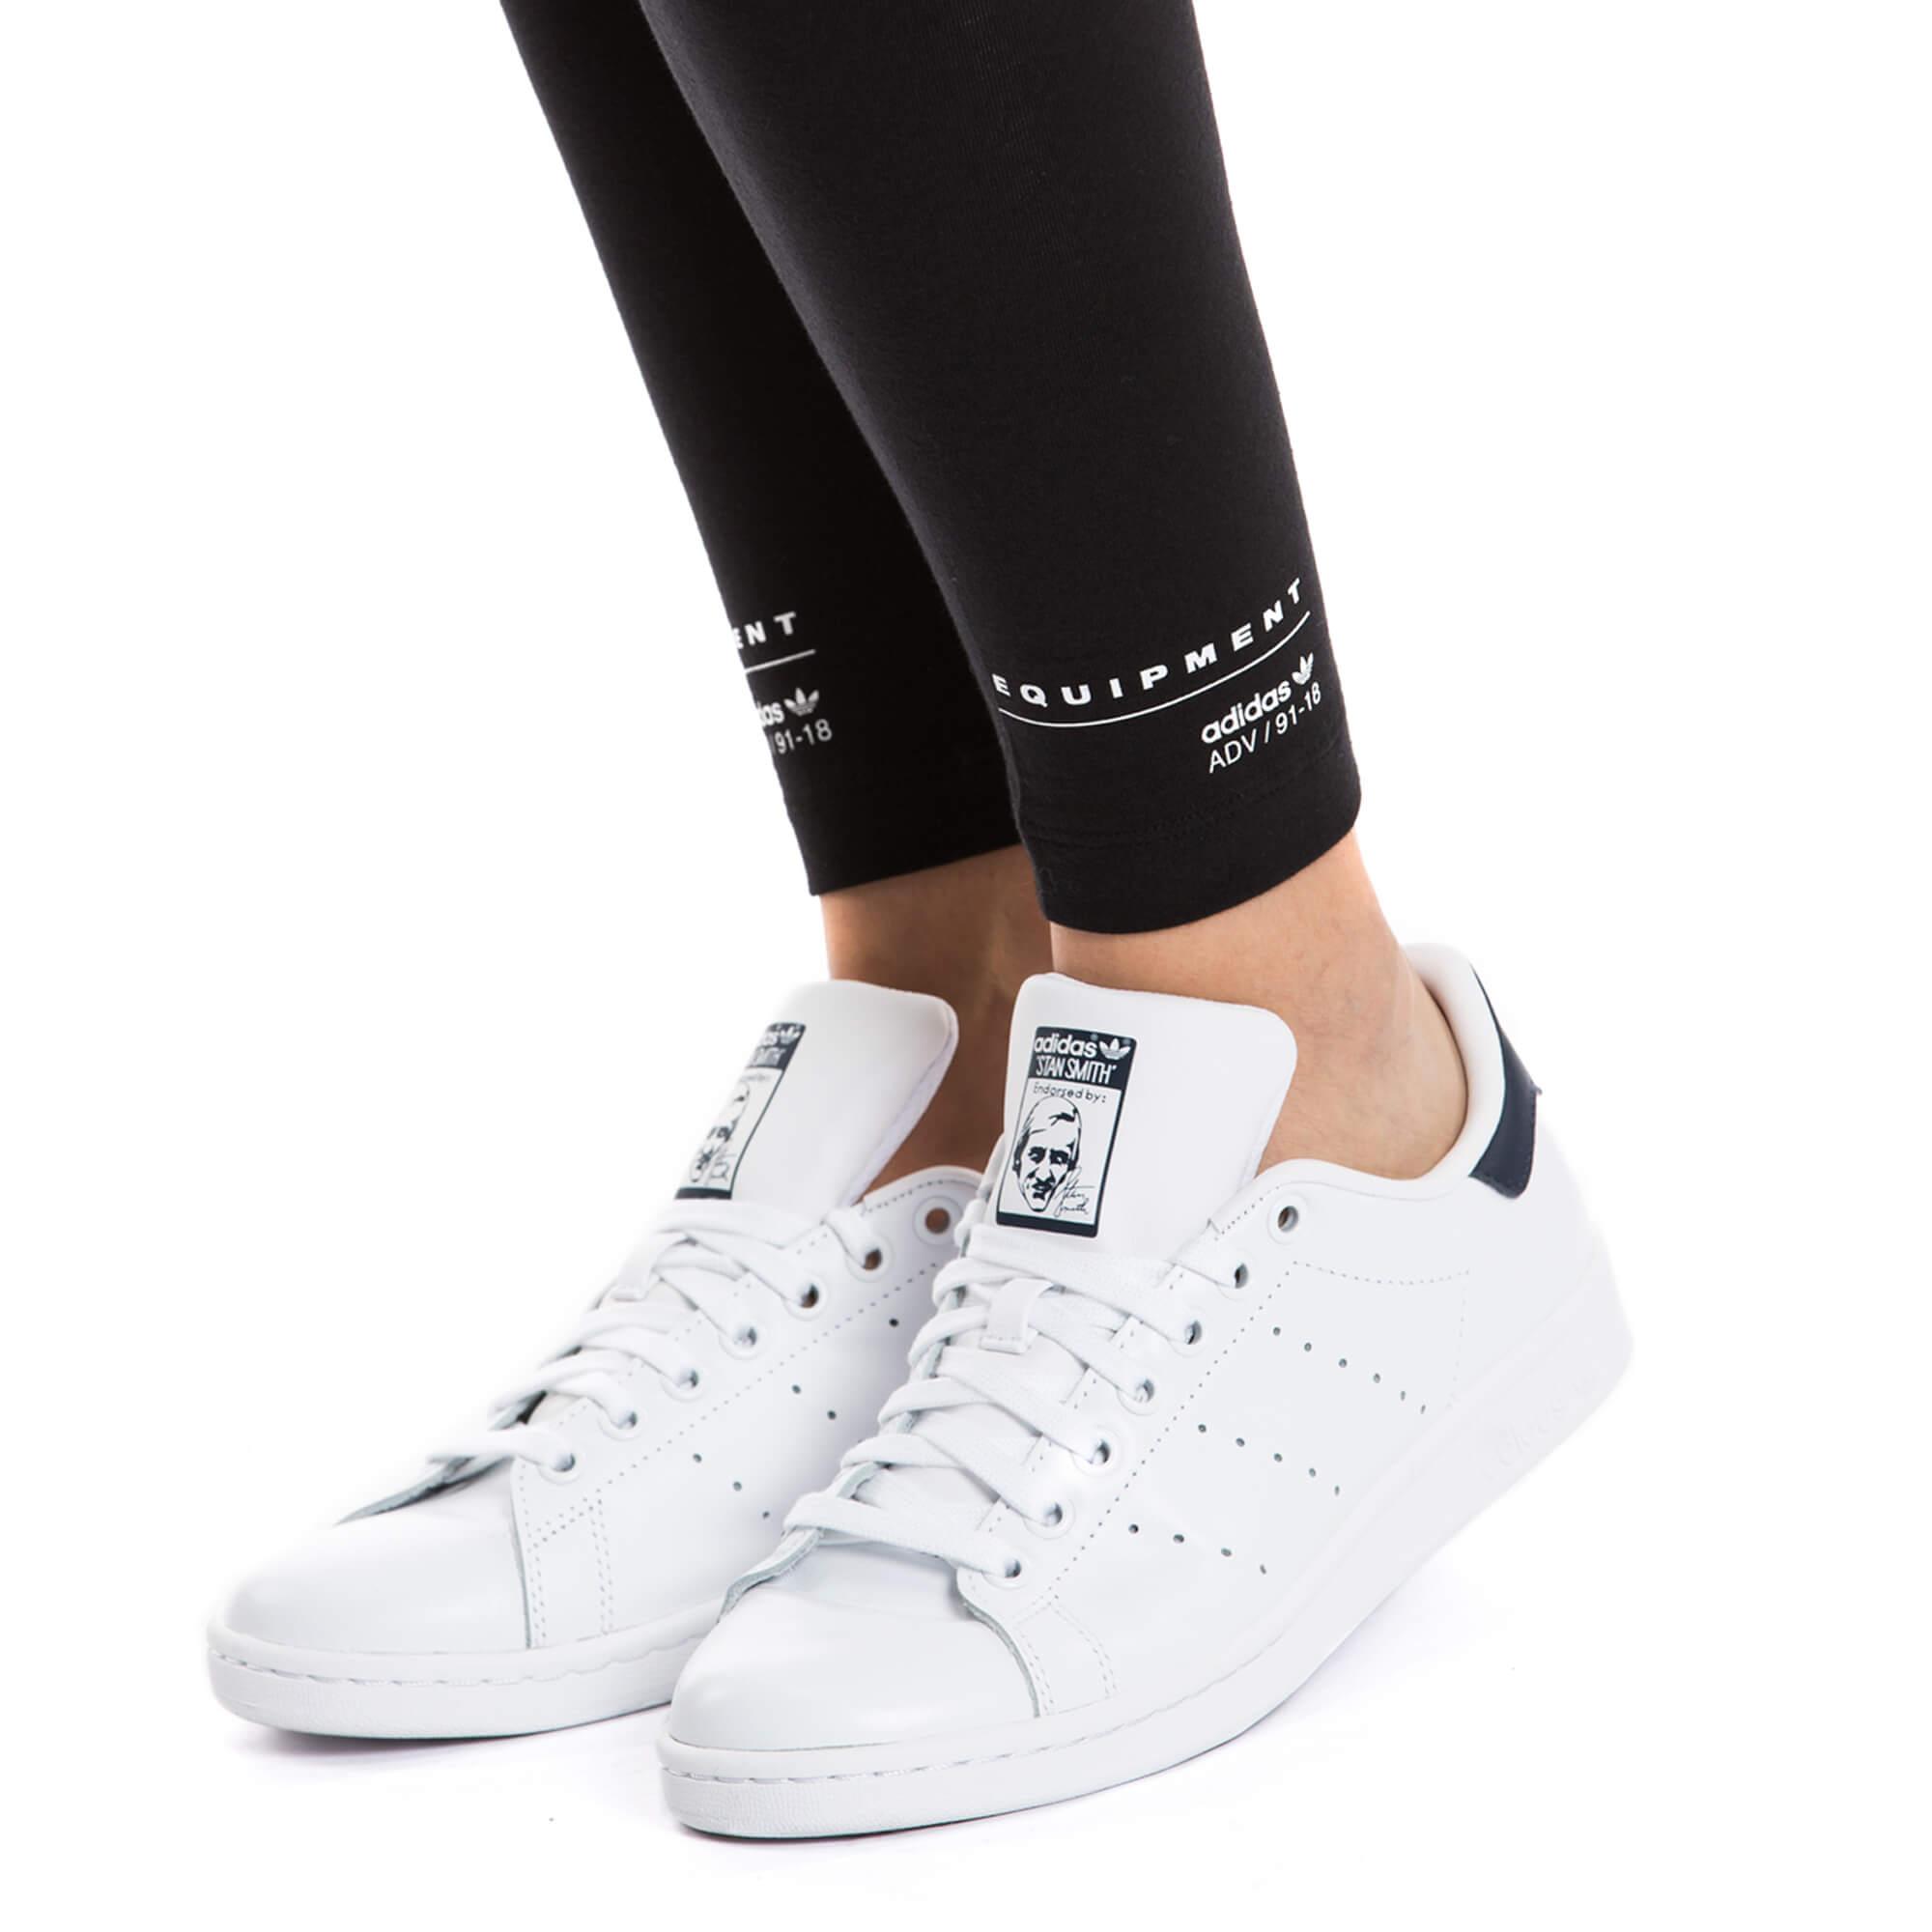 adidas Eqt Tight Kadın Siyah Tayt